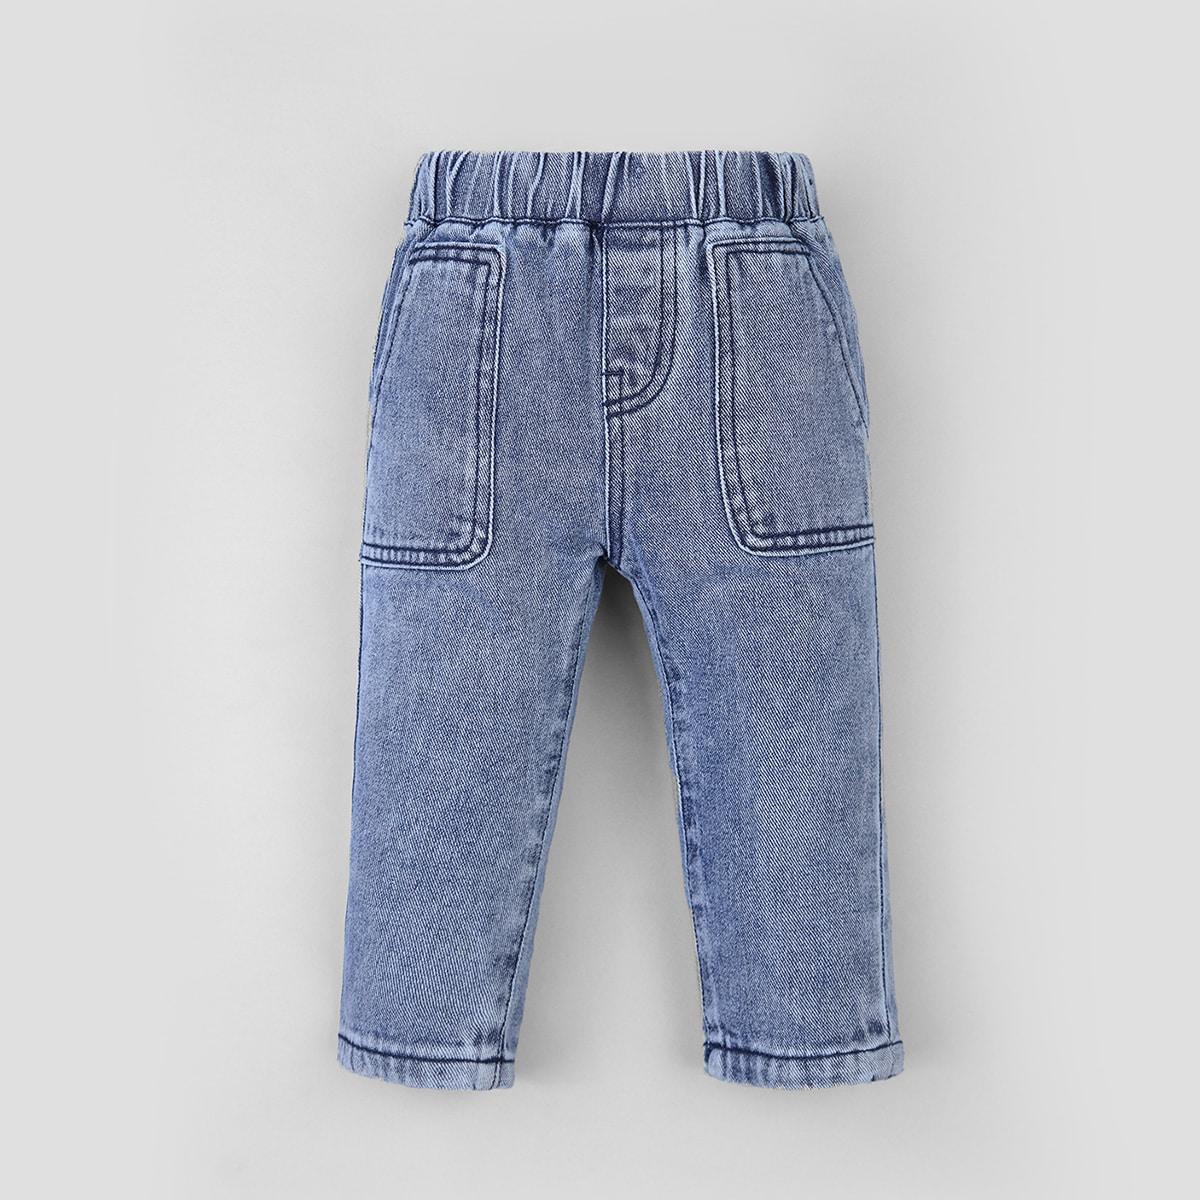 Однотонные джинсы для мальчиков с эластичной талией от SHEIN